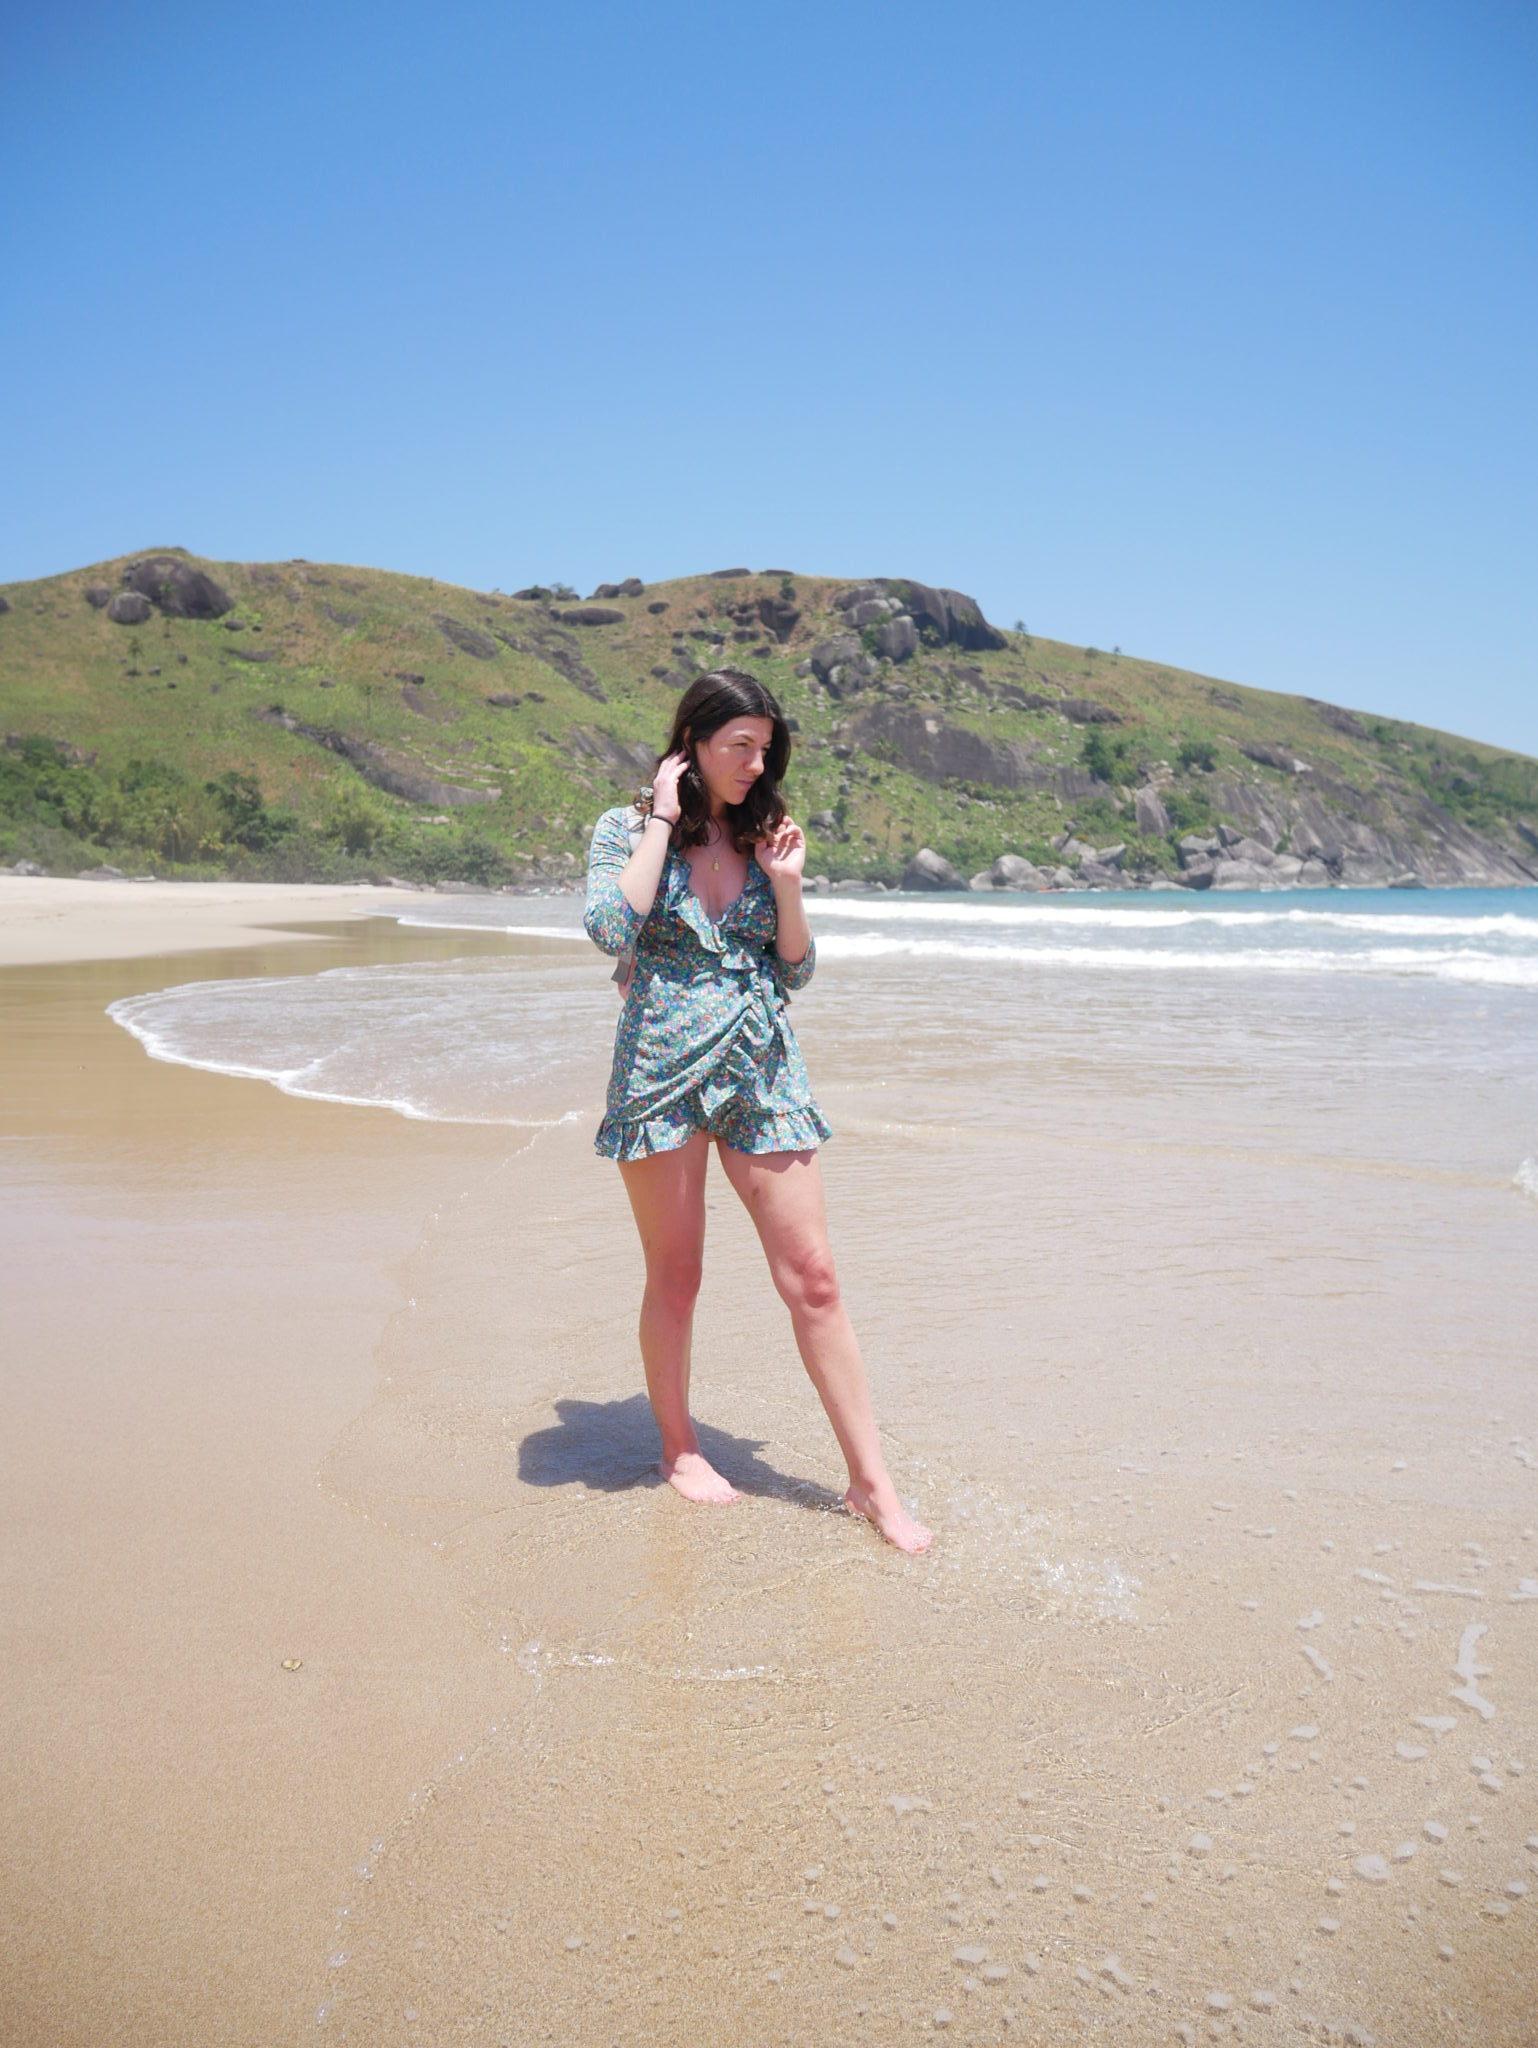 Bonnet Beach<br/> Dress: Topshop